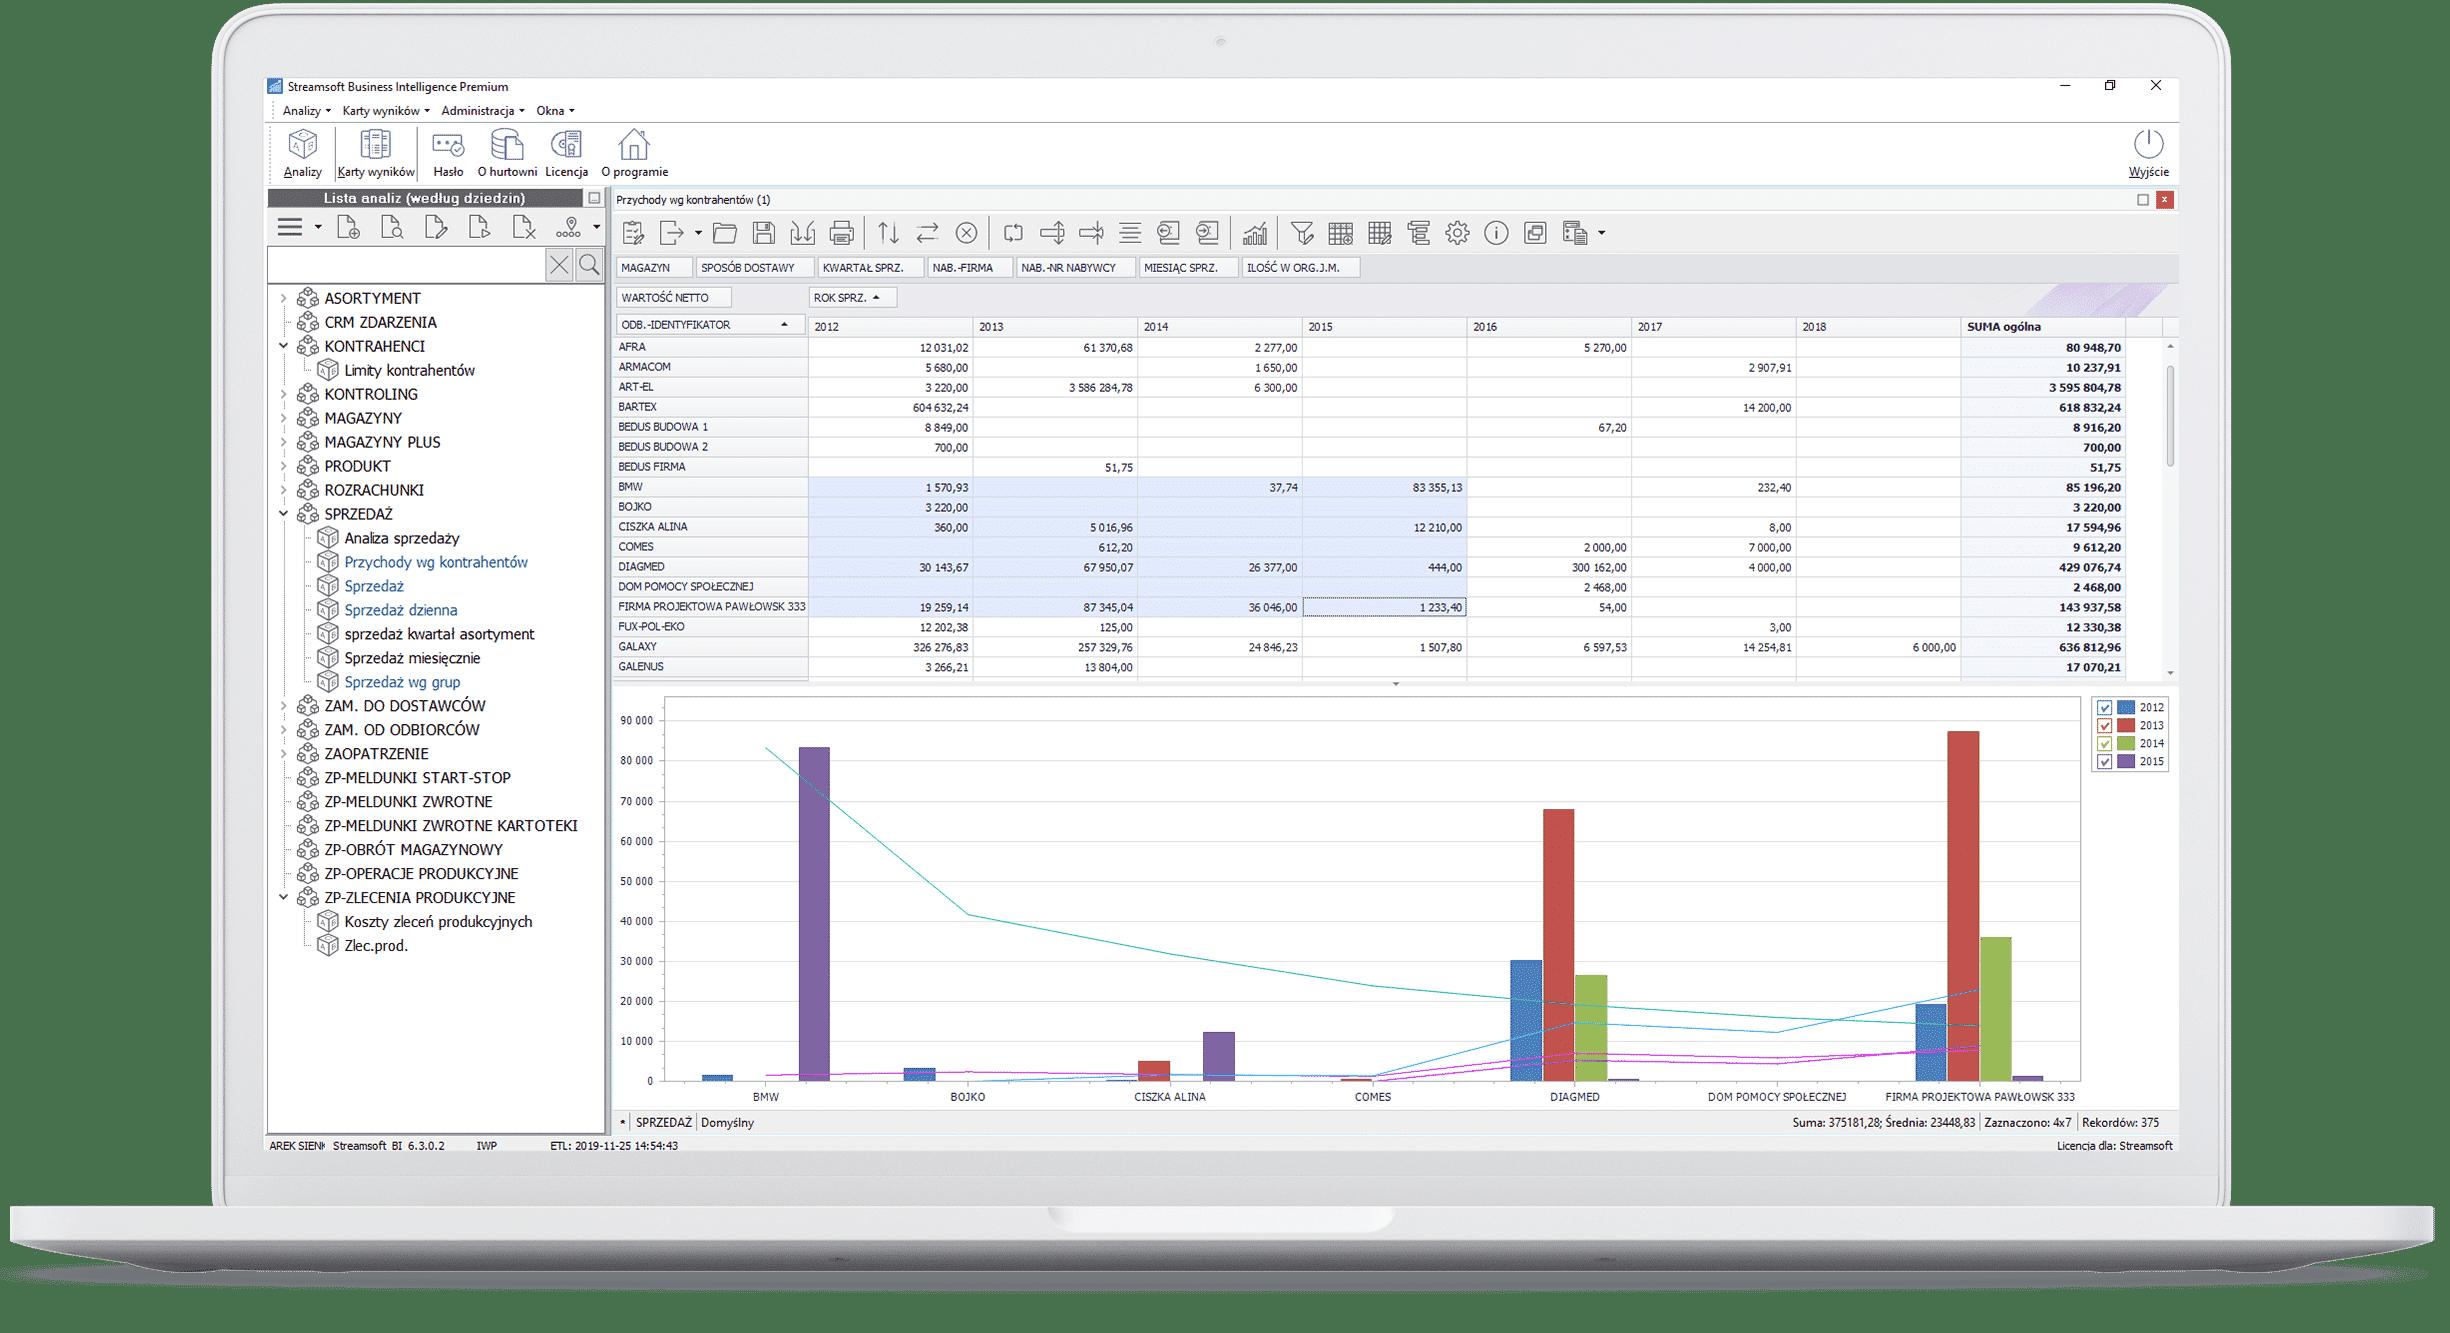 Czytelna wizualizacja wyników analiz